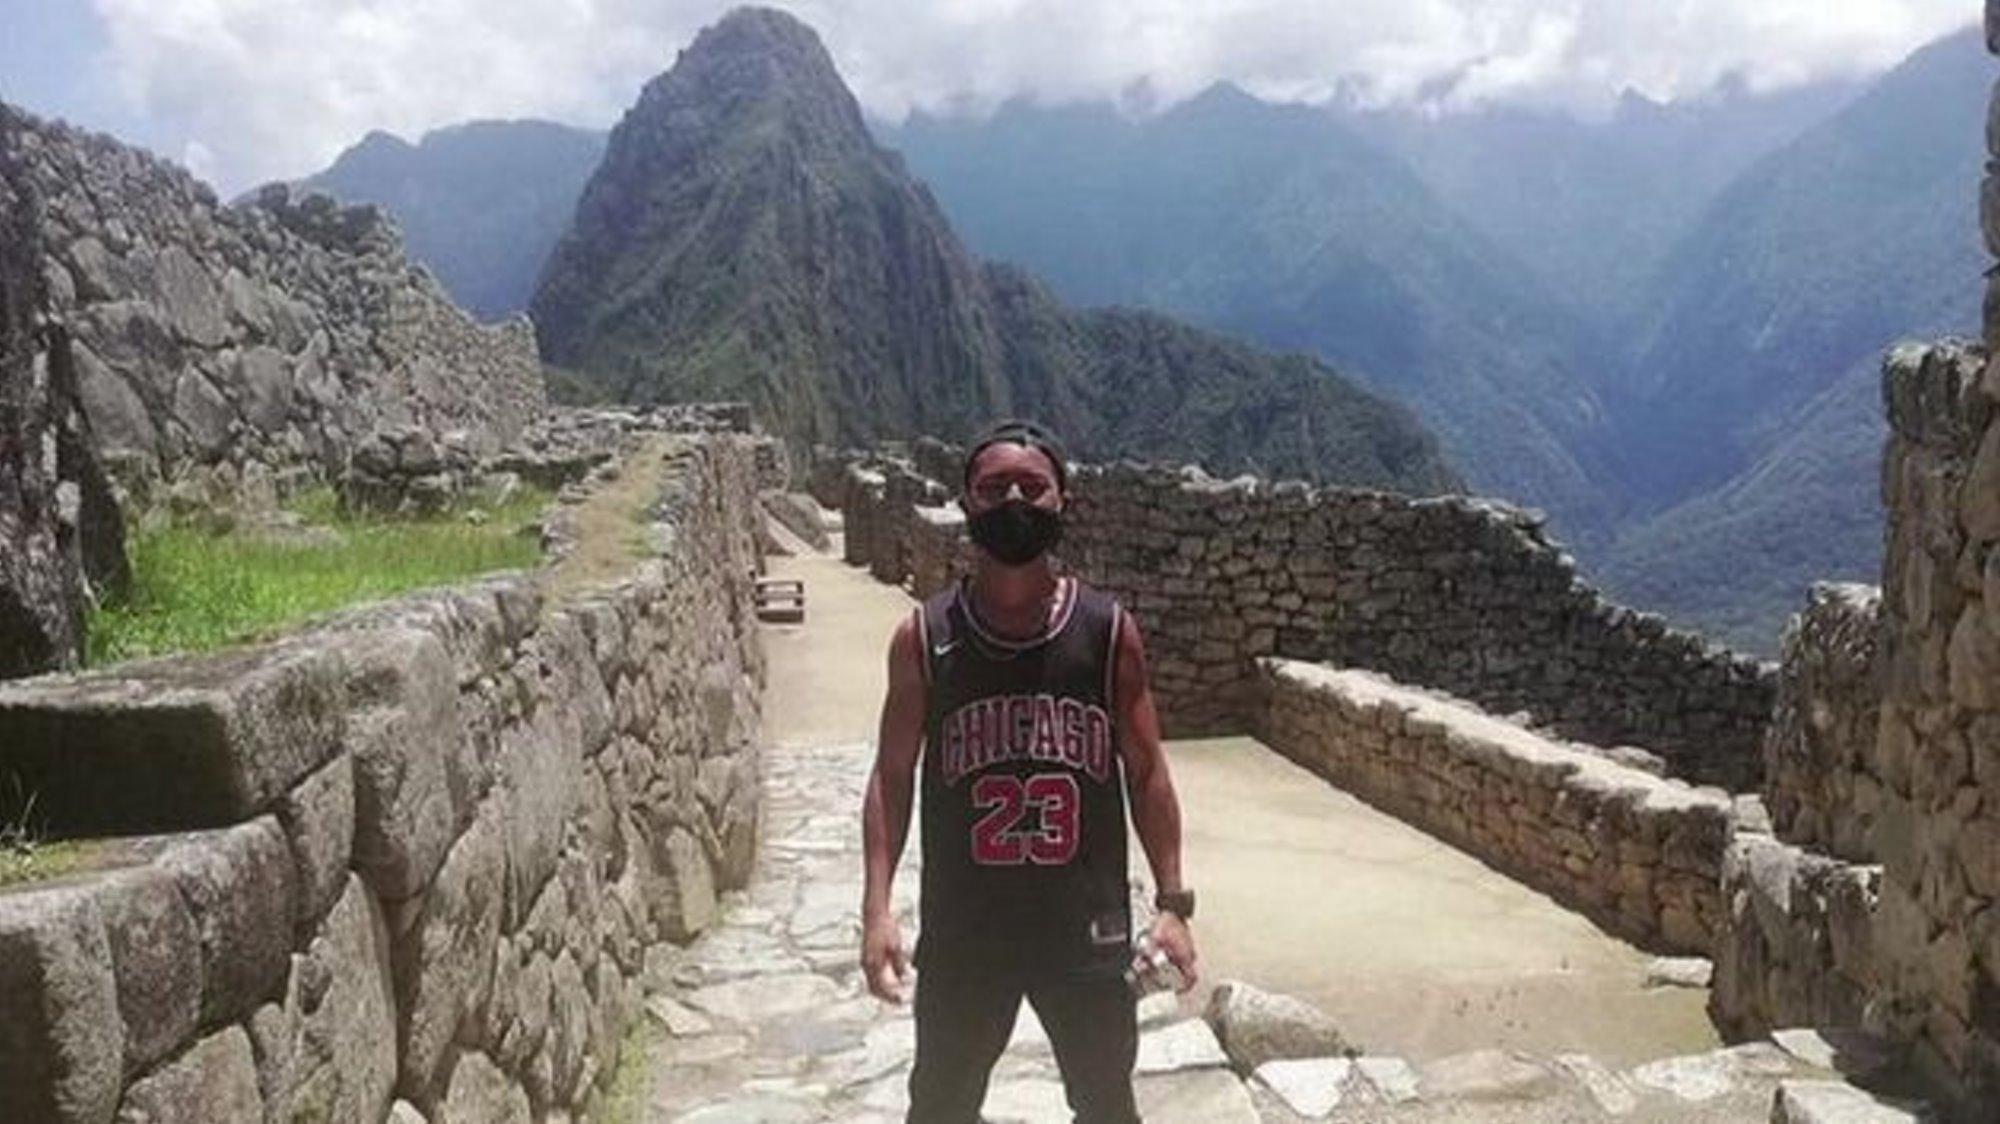 Μάτσου Πίτσου άνοιξε για έναν τουρίστα που ποζάρει μπροστά από το μνημείο